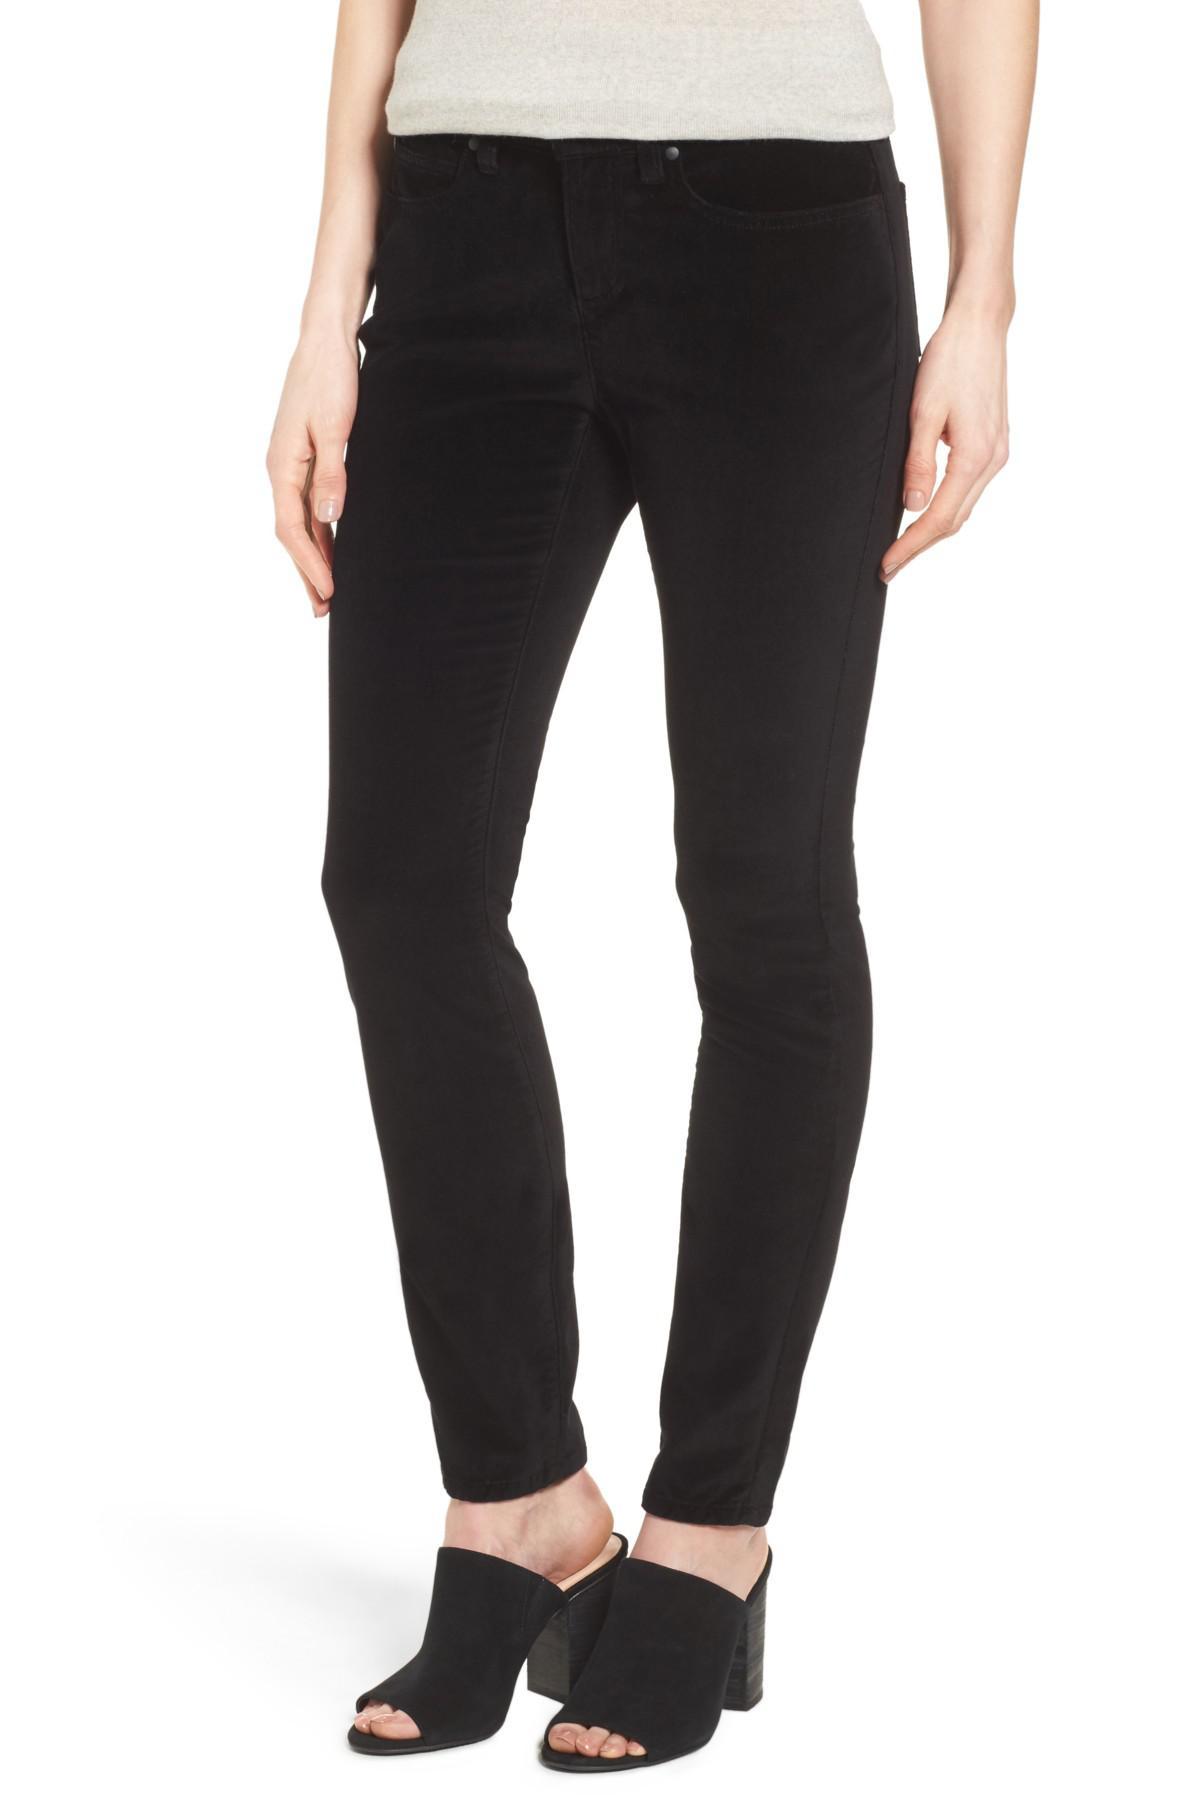 Lyst - Eileen fisher Velvet Skinny Jeans in Black